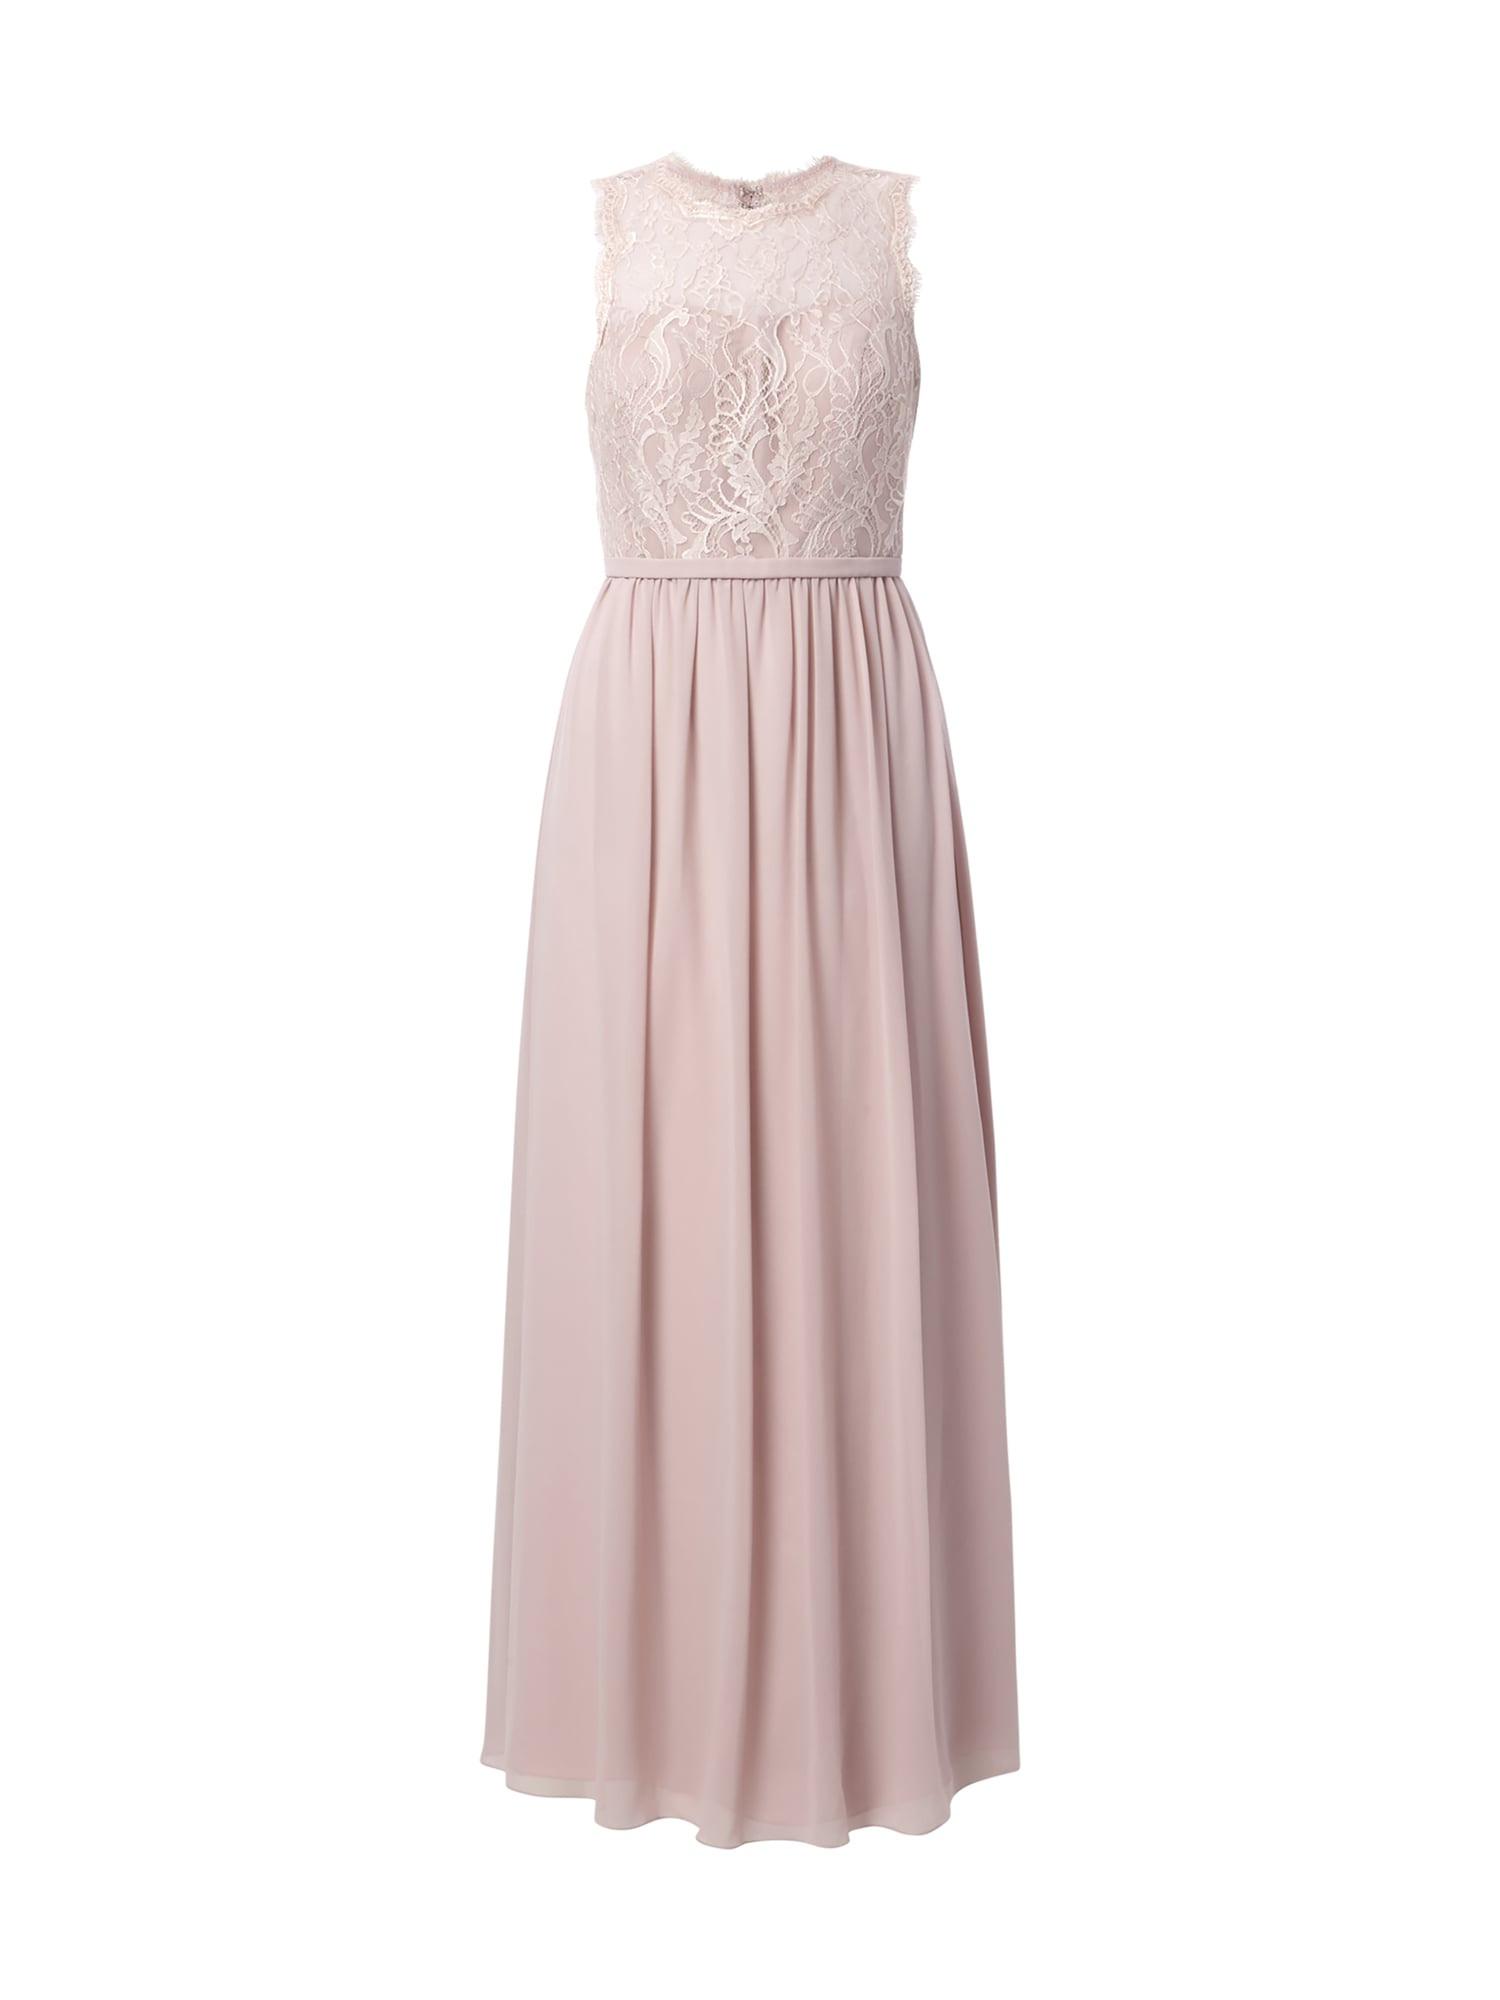 Coolste Abend Kleid Rose StylishAbend Schön Abend Kleid Rose Ärmel